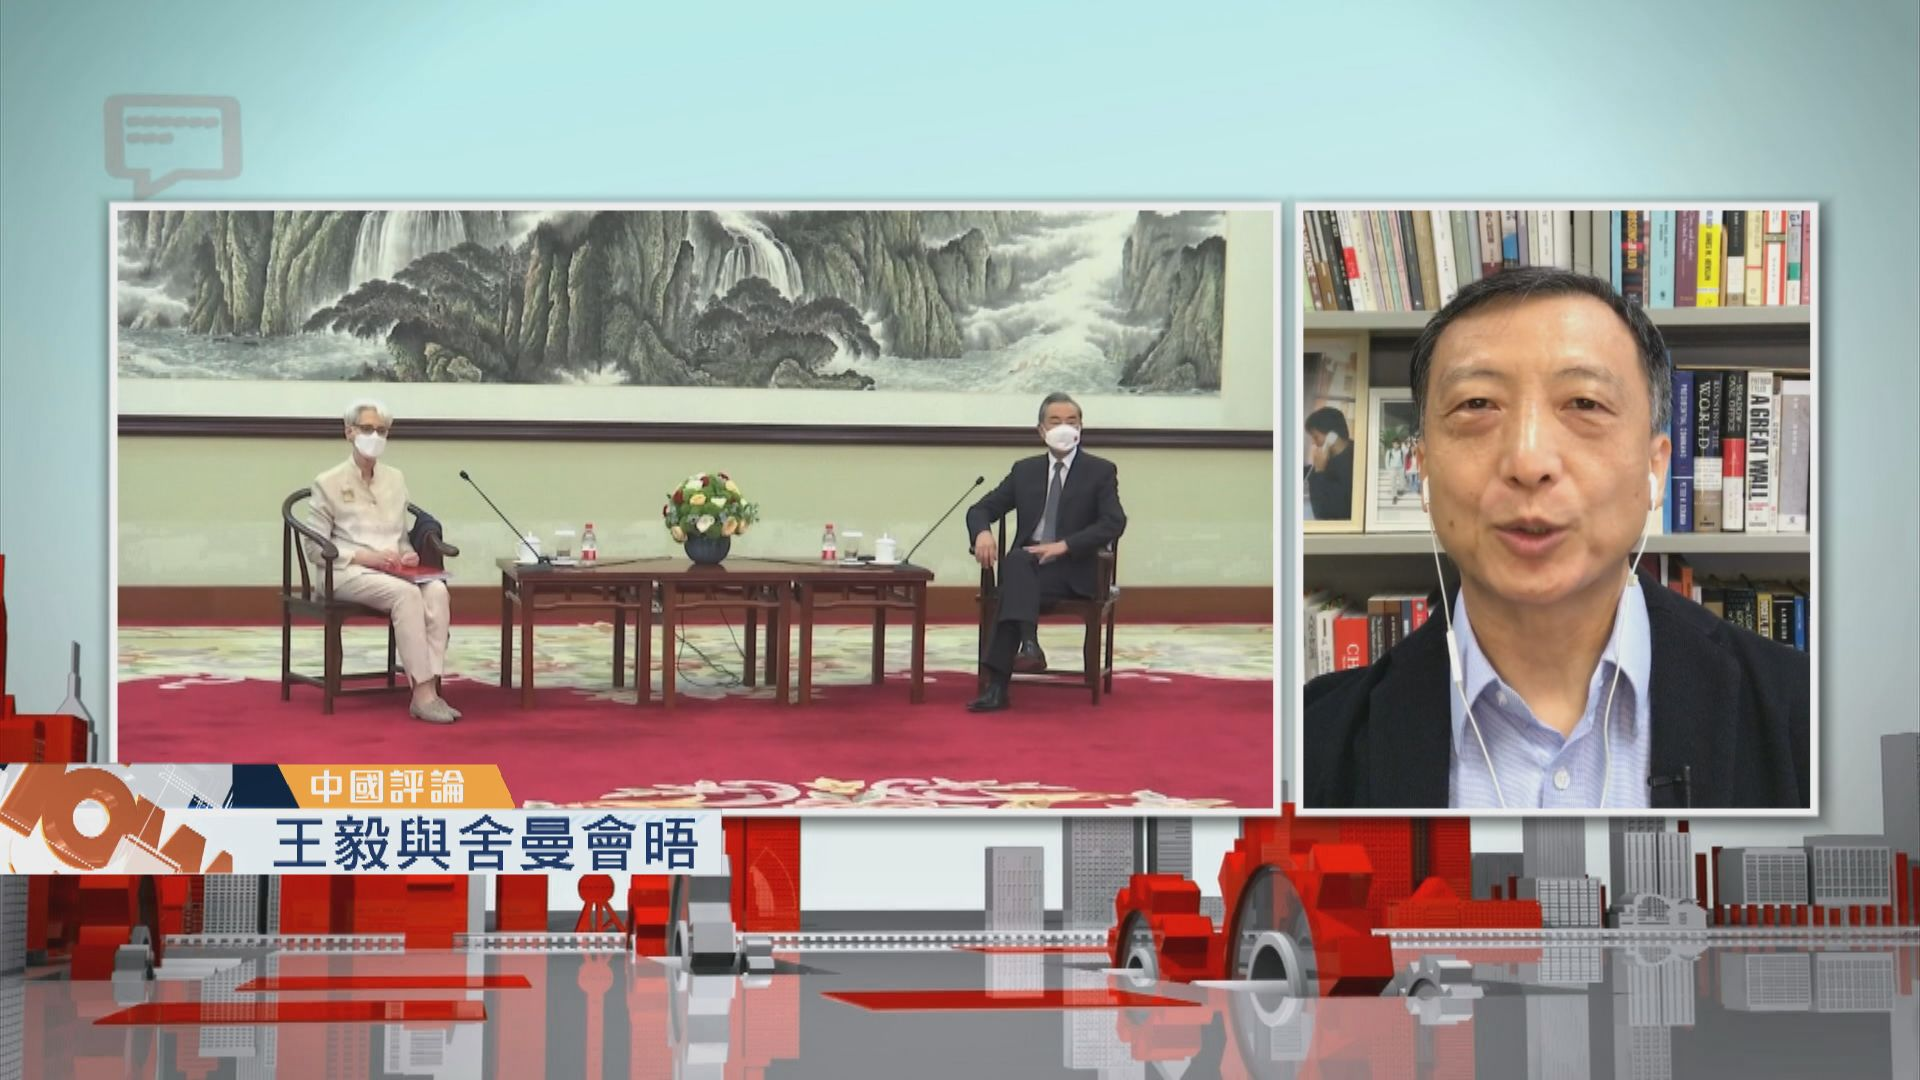 【中國評論】王毅與舍曼會晤要求美國糾正錯誤